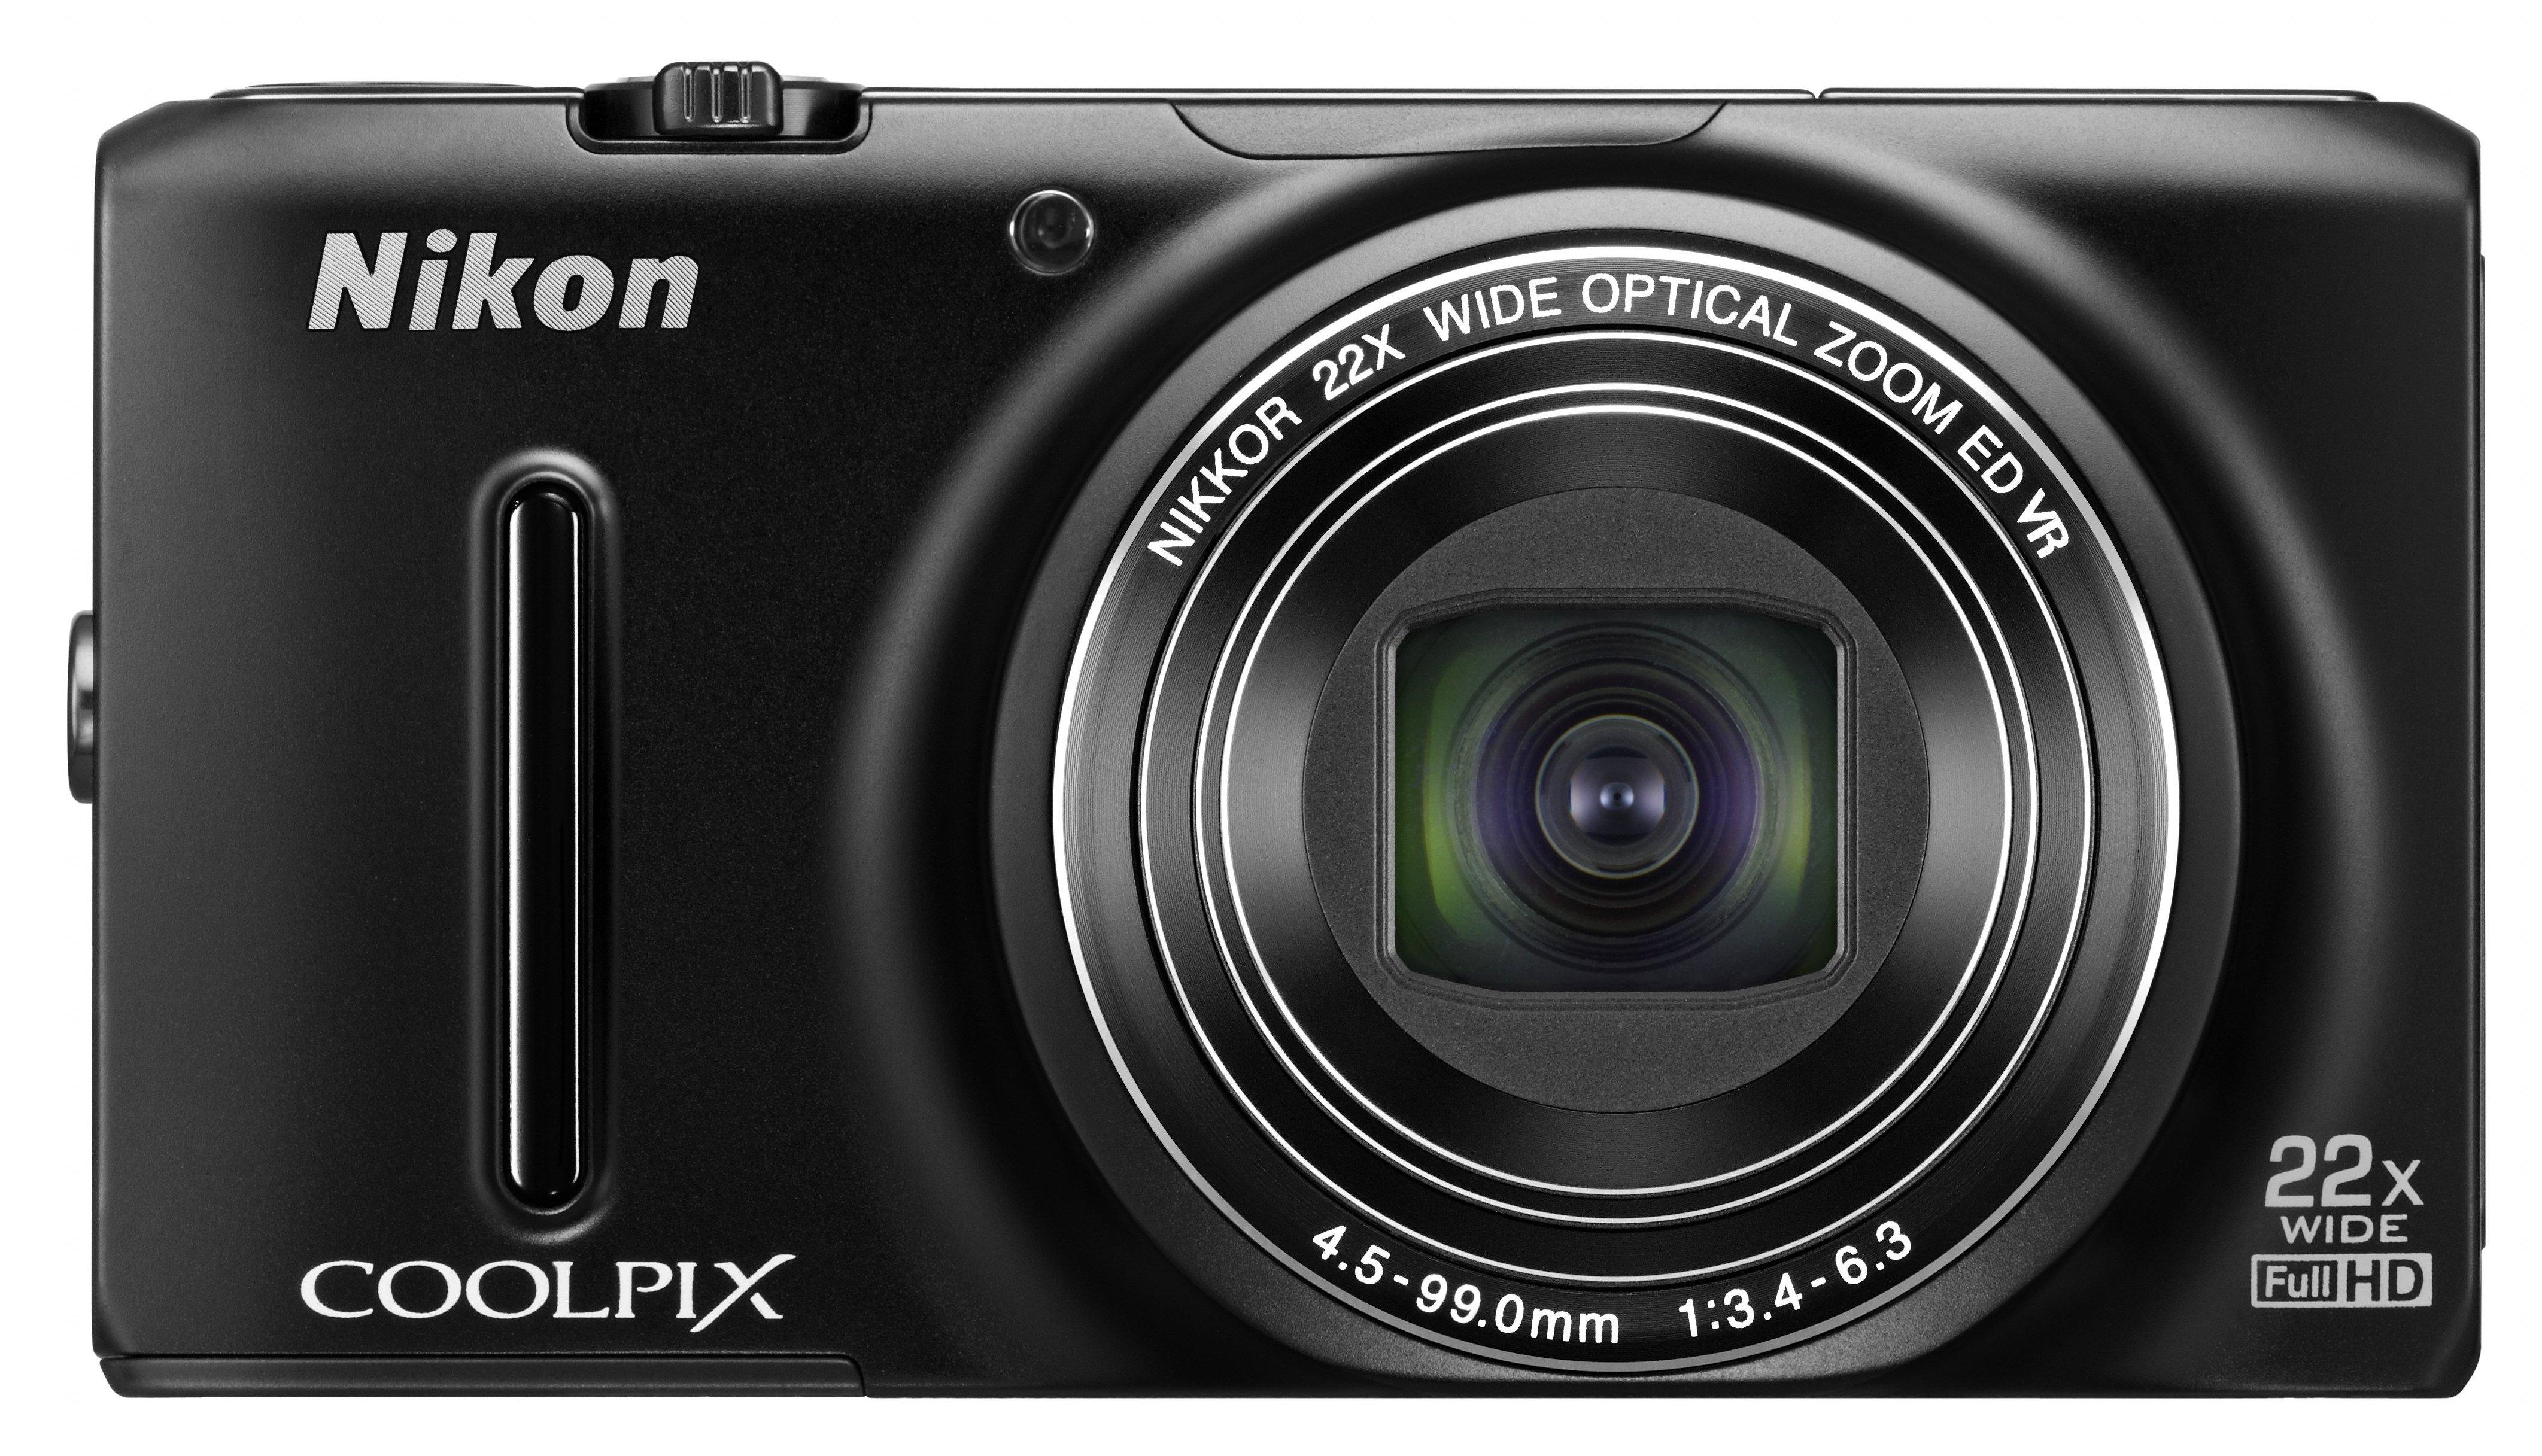 First Nikon Pix Digital Camera Battery Nikon Pix Digital Camera Nikon Pix L110 Settings Nikon Pix L110 Sd Card dpreview Nikon Coolpix L110